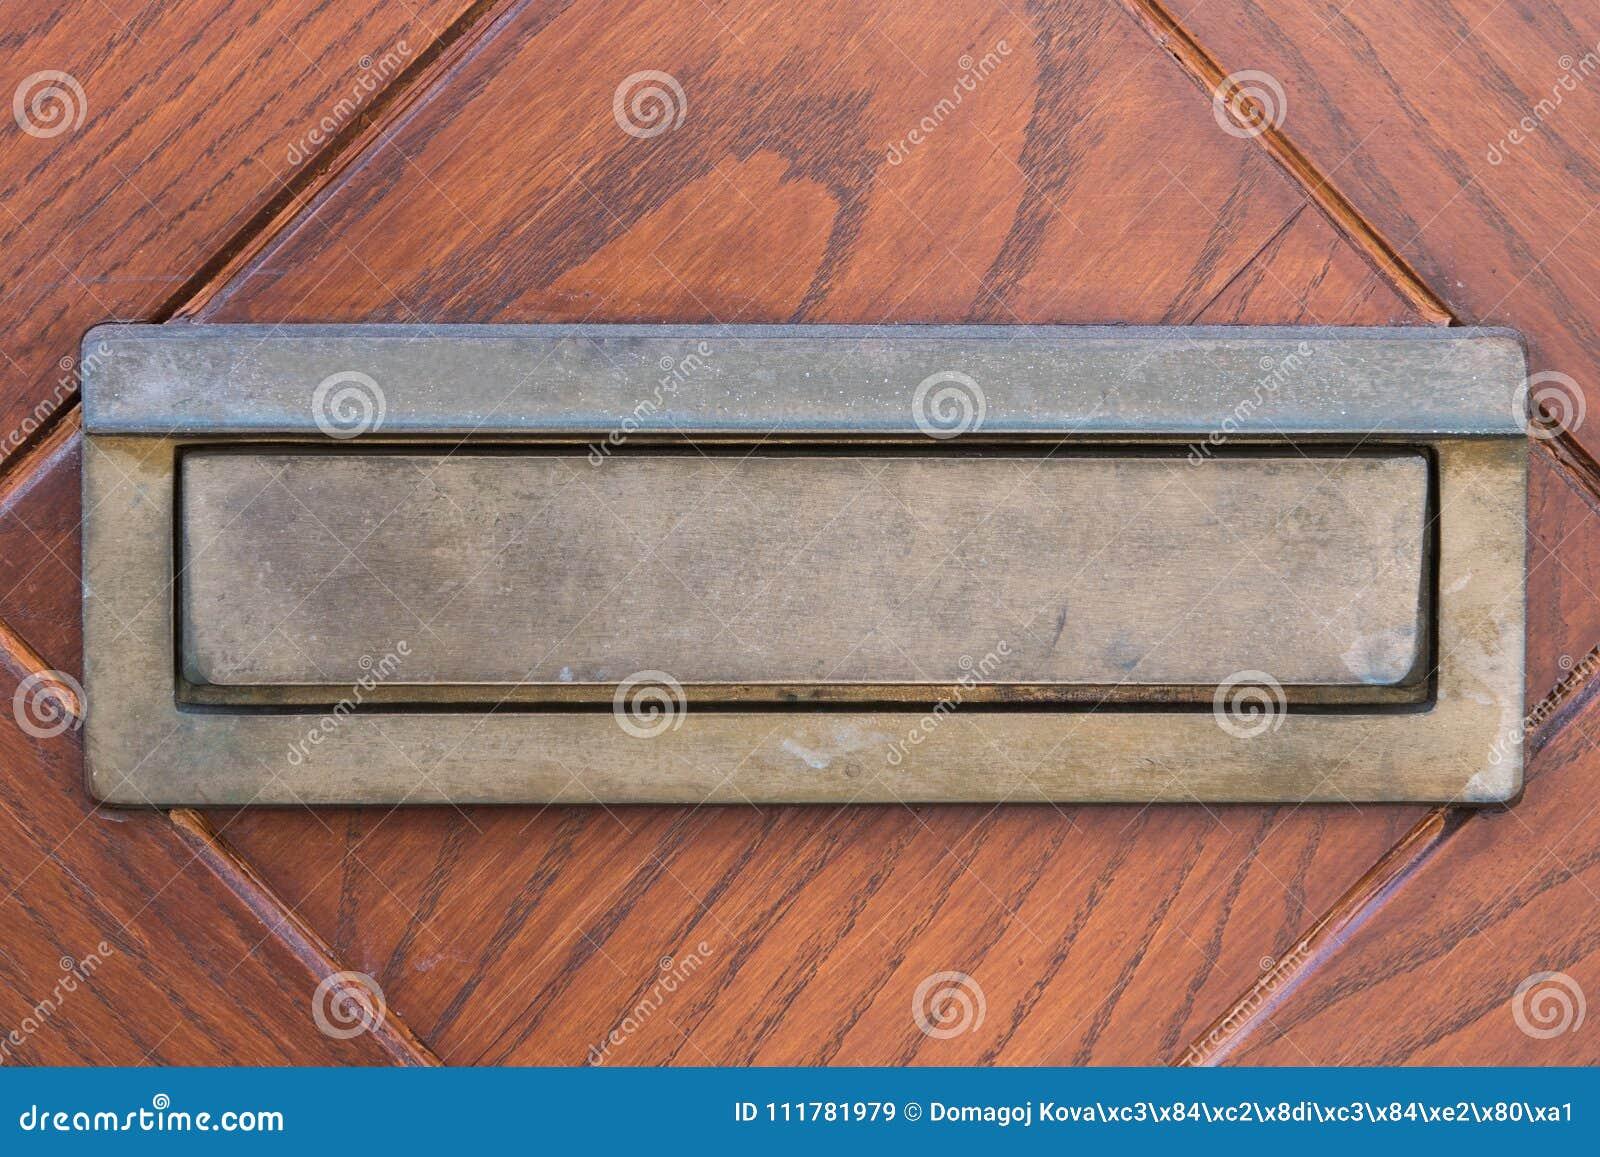 Малый серебряный почтовый ящик двери на деревянных дверях Коробка маленькой буквы